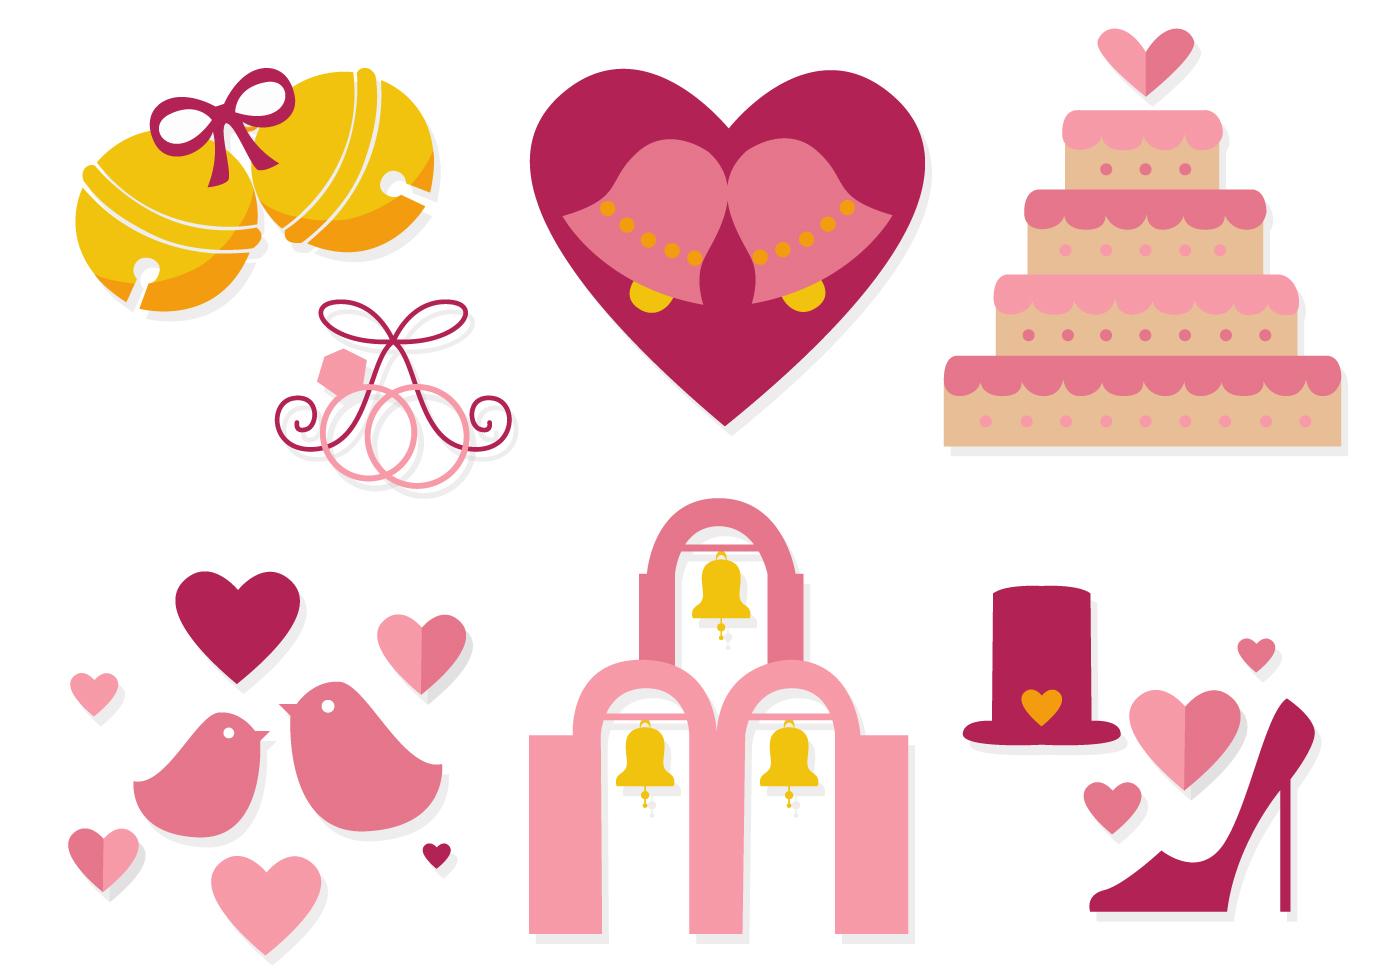 Wedding Flowers Vector Free Download : Free wedding bells vector download art